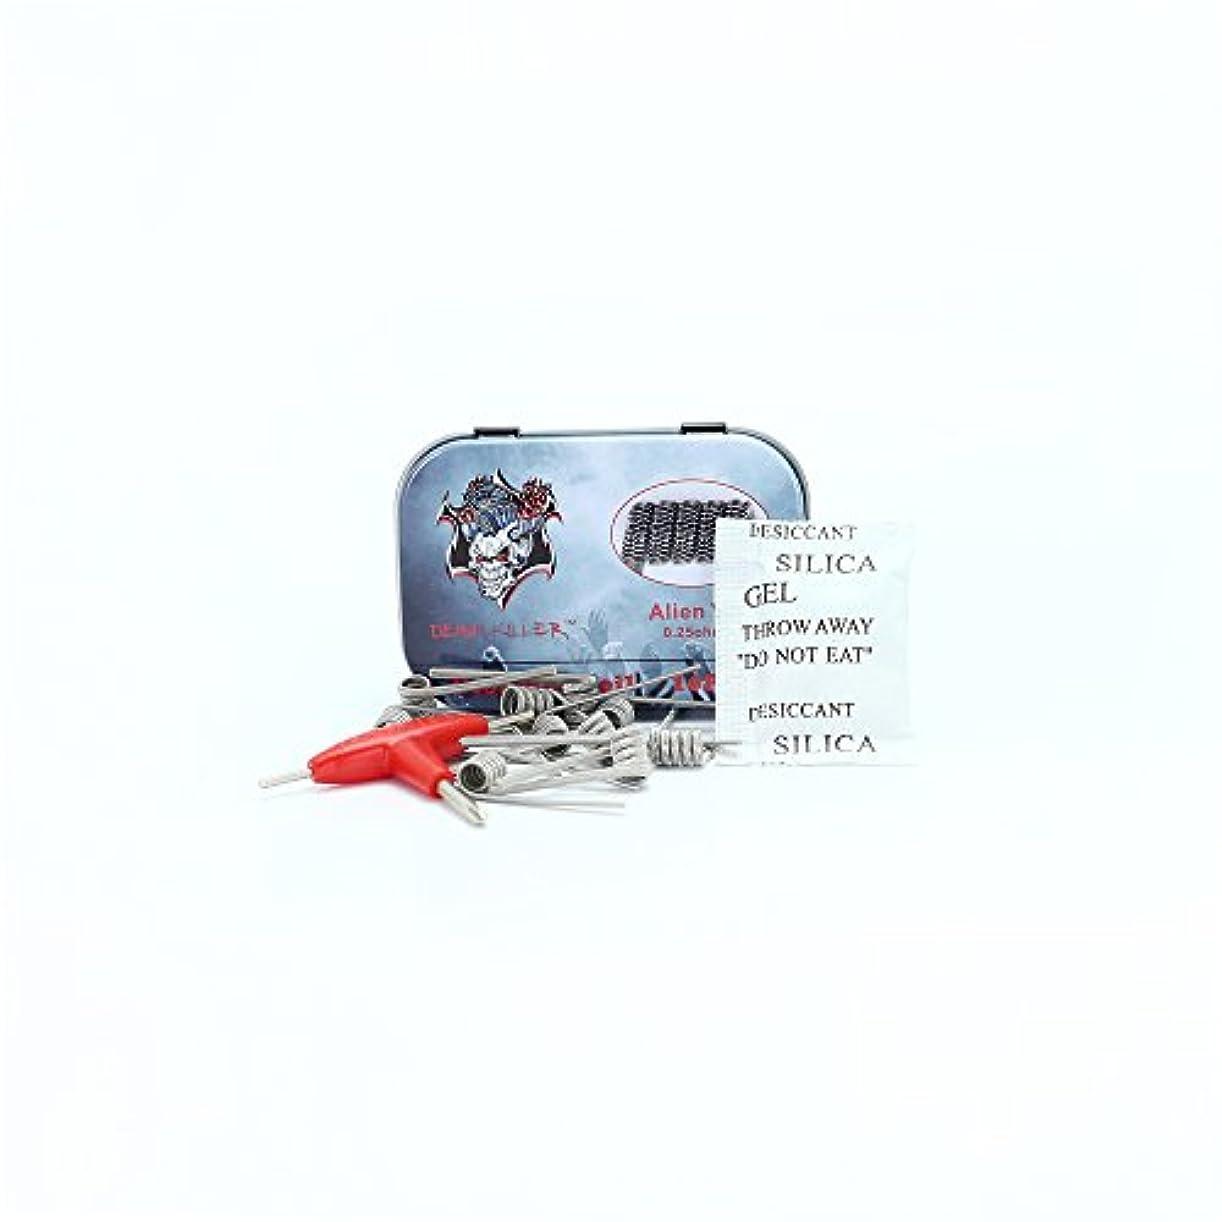 交換いじめっ子メイエラ10pcs Demon Killer Alien V2 Coil 0.25 ohmの暖房ワイヤRBA/RDA/RTA, アトマイザーコイルワイヤ, コイルワイヤ, リビルダブル用, ノッチコイル, プリビルドコイル, 10...